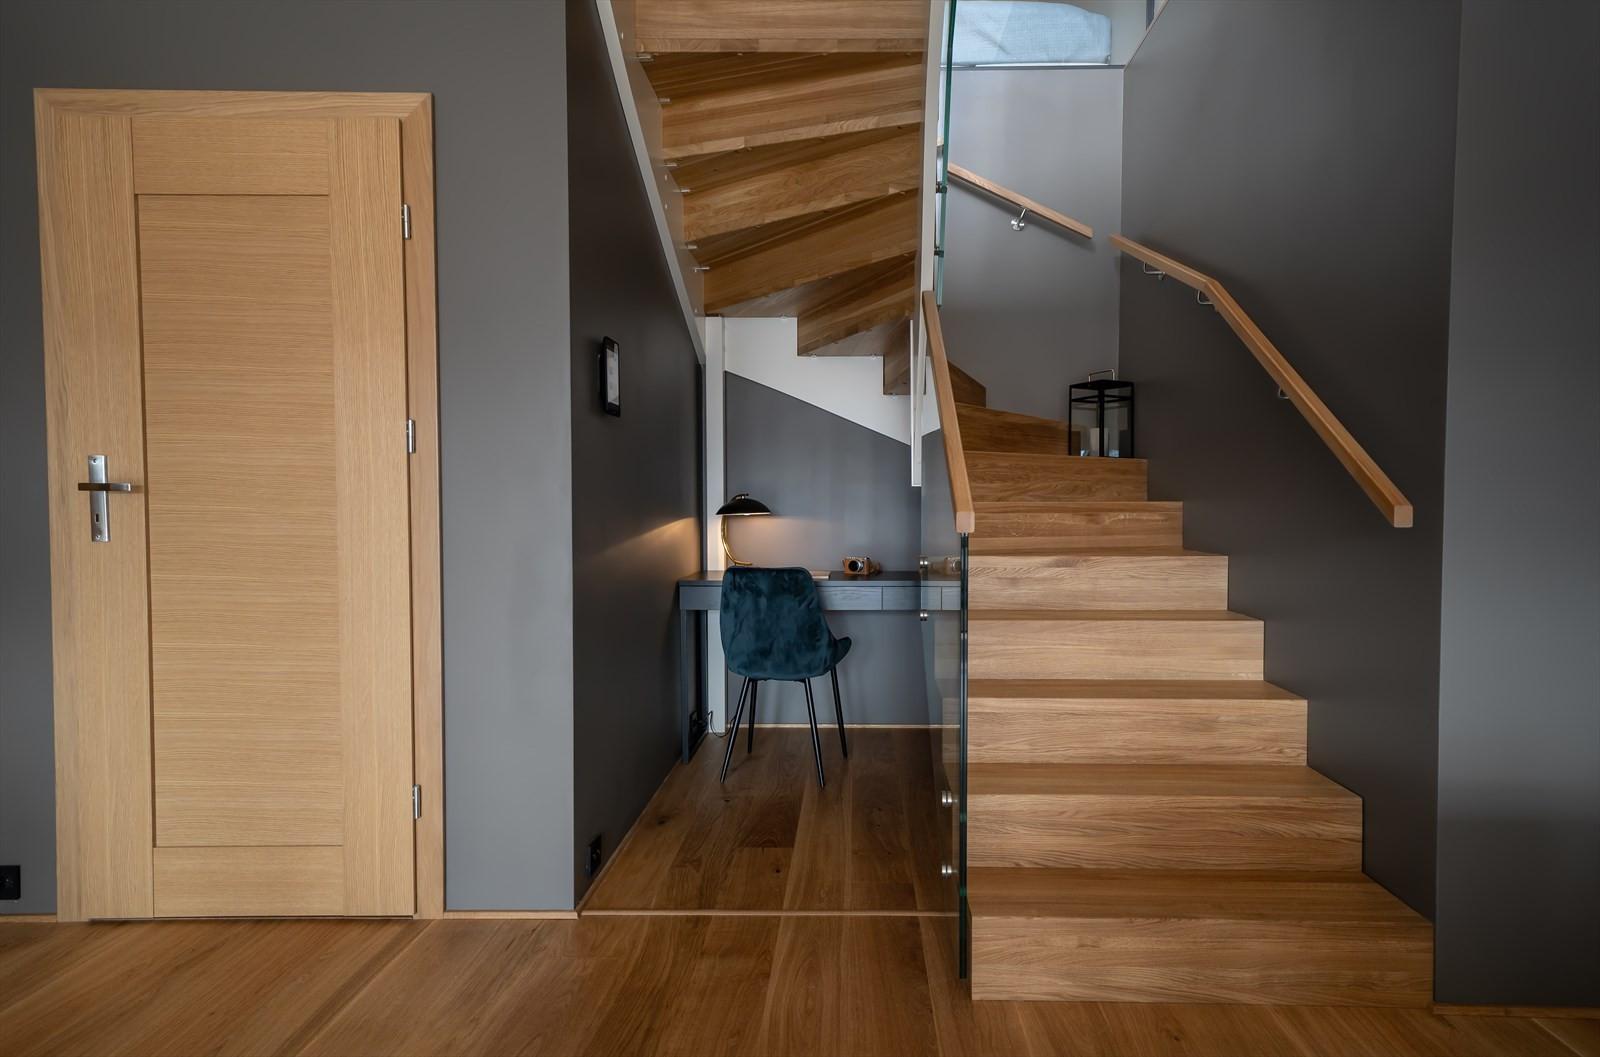 Praktisk løsning med kontorplass under trappen